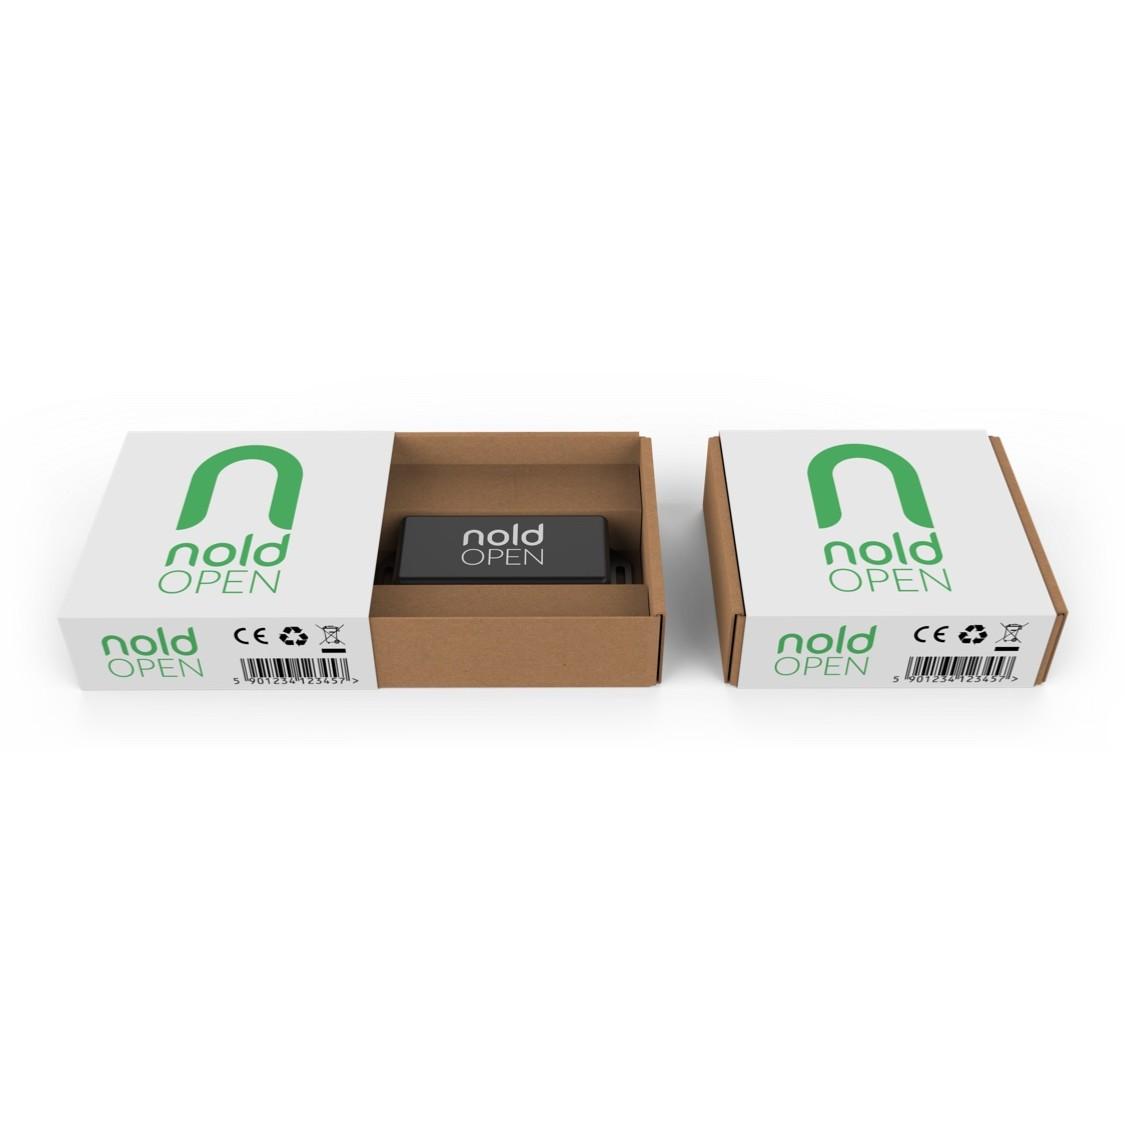 Nold open ouverture avec iphone android for Ouverture porte de garage avec smartphone